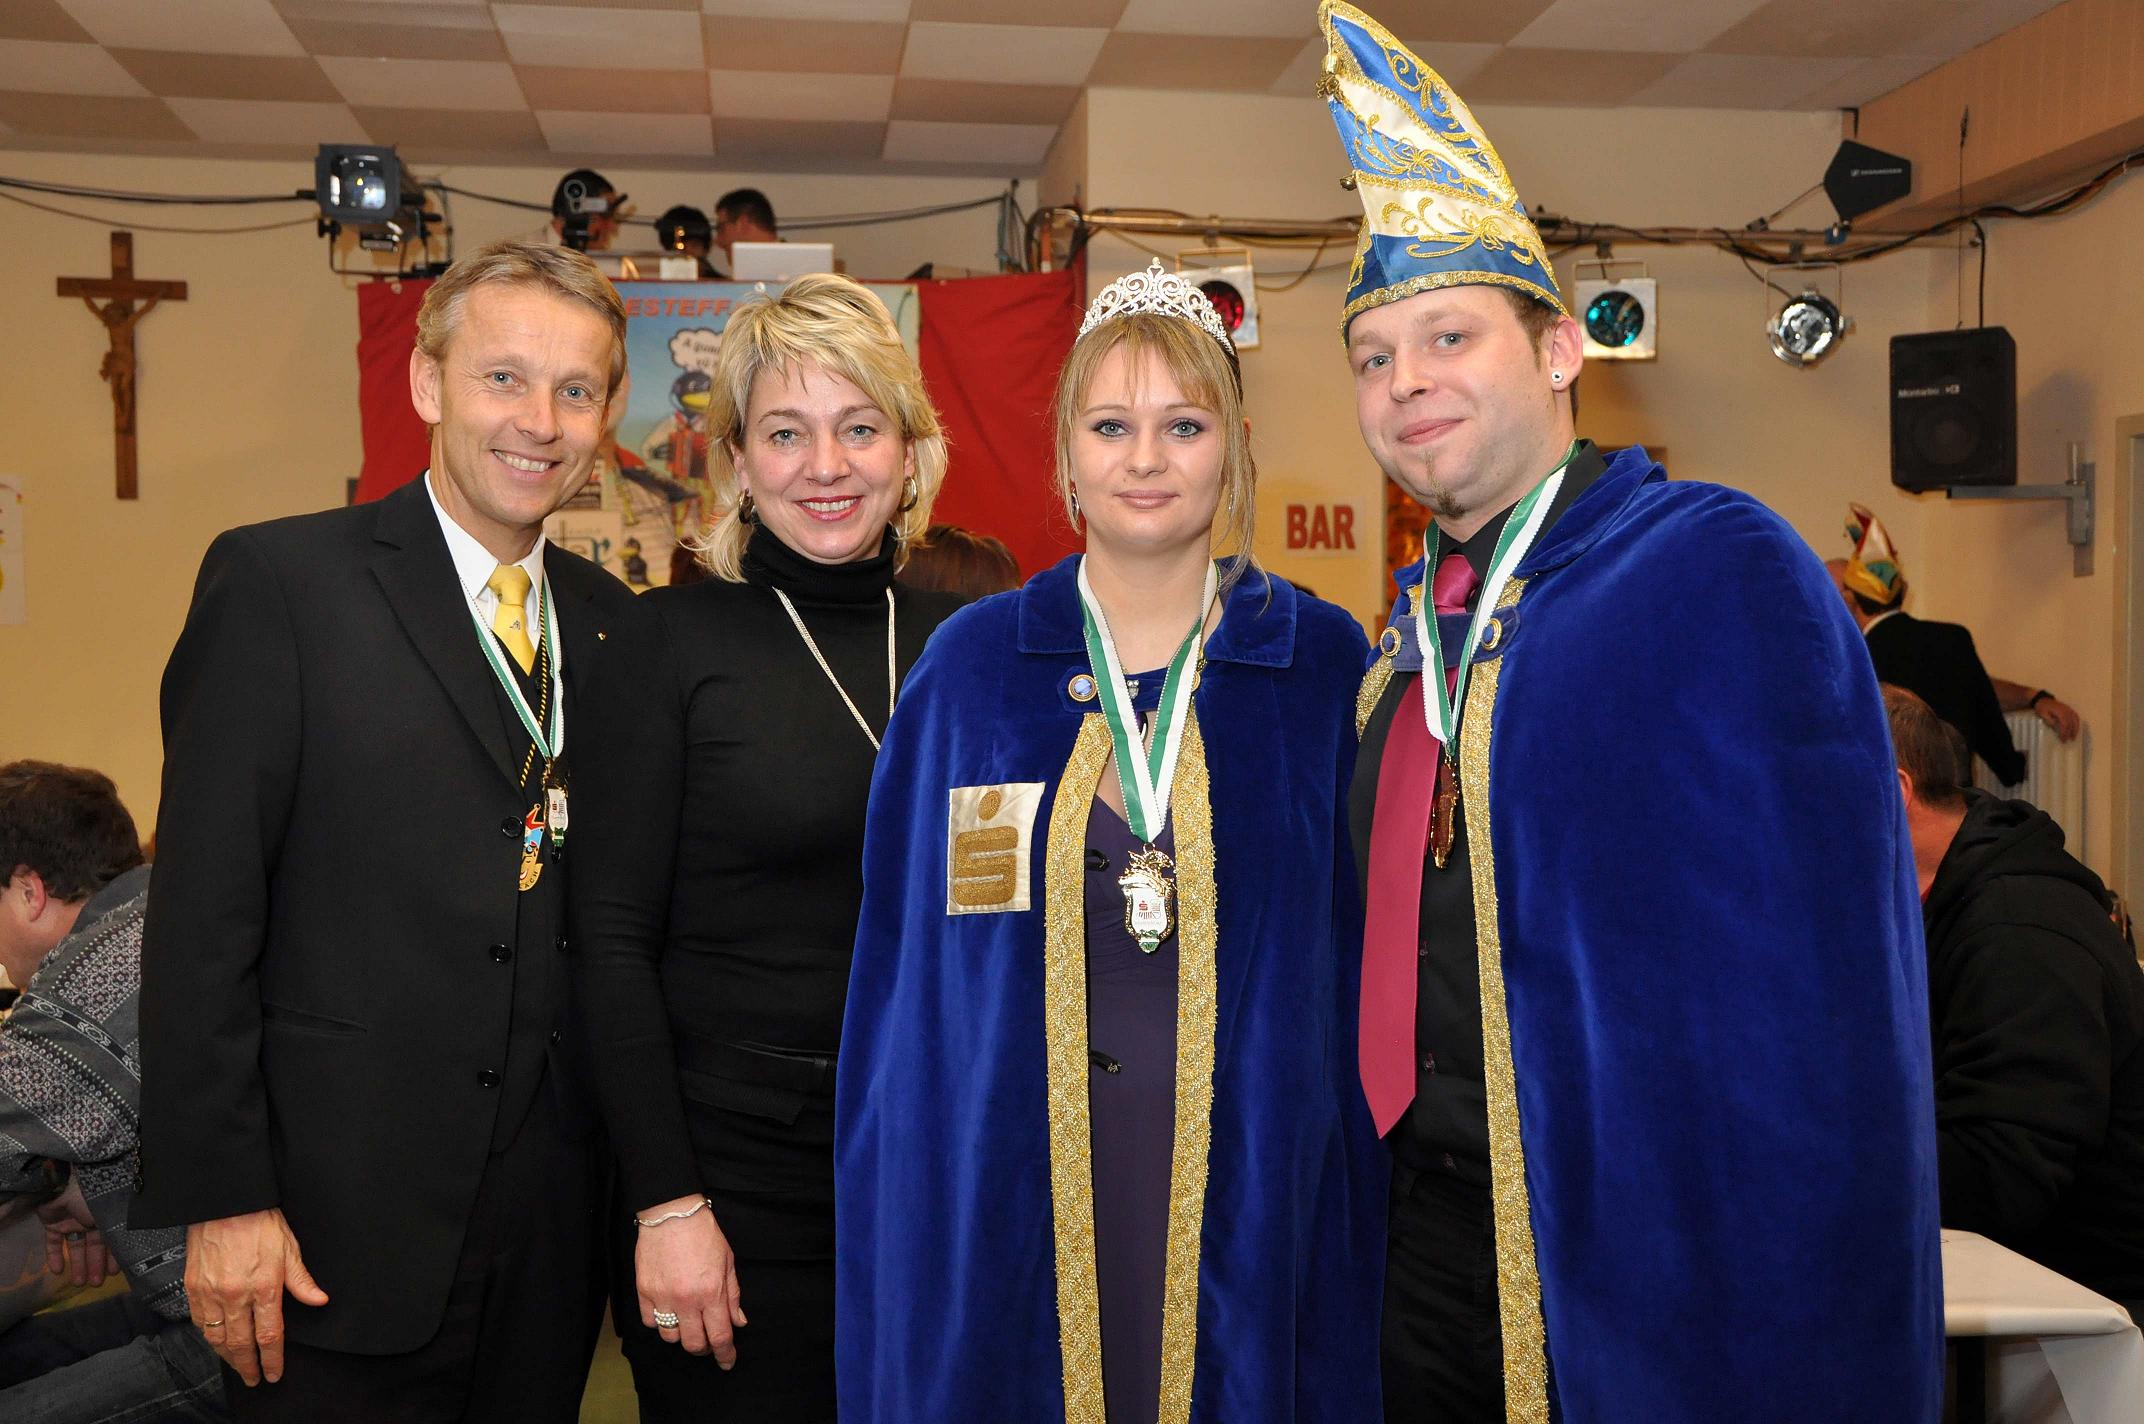 Mit meiner Frau Franziska und dem Rohrbacher Prinzenpaar (C) Sepp Resch